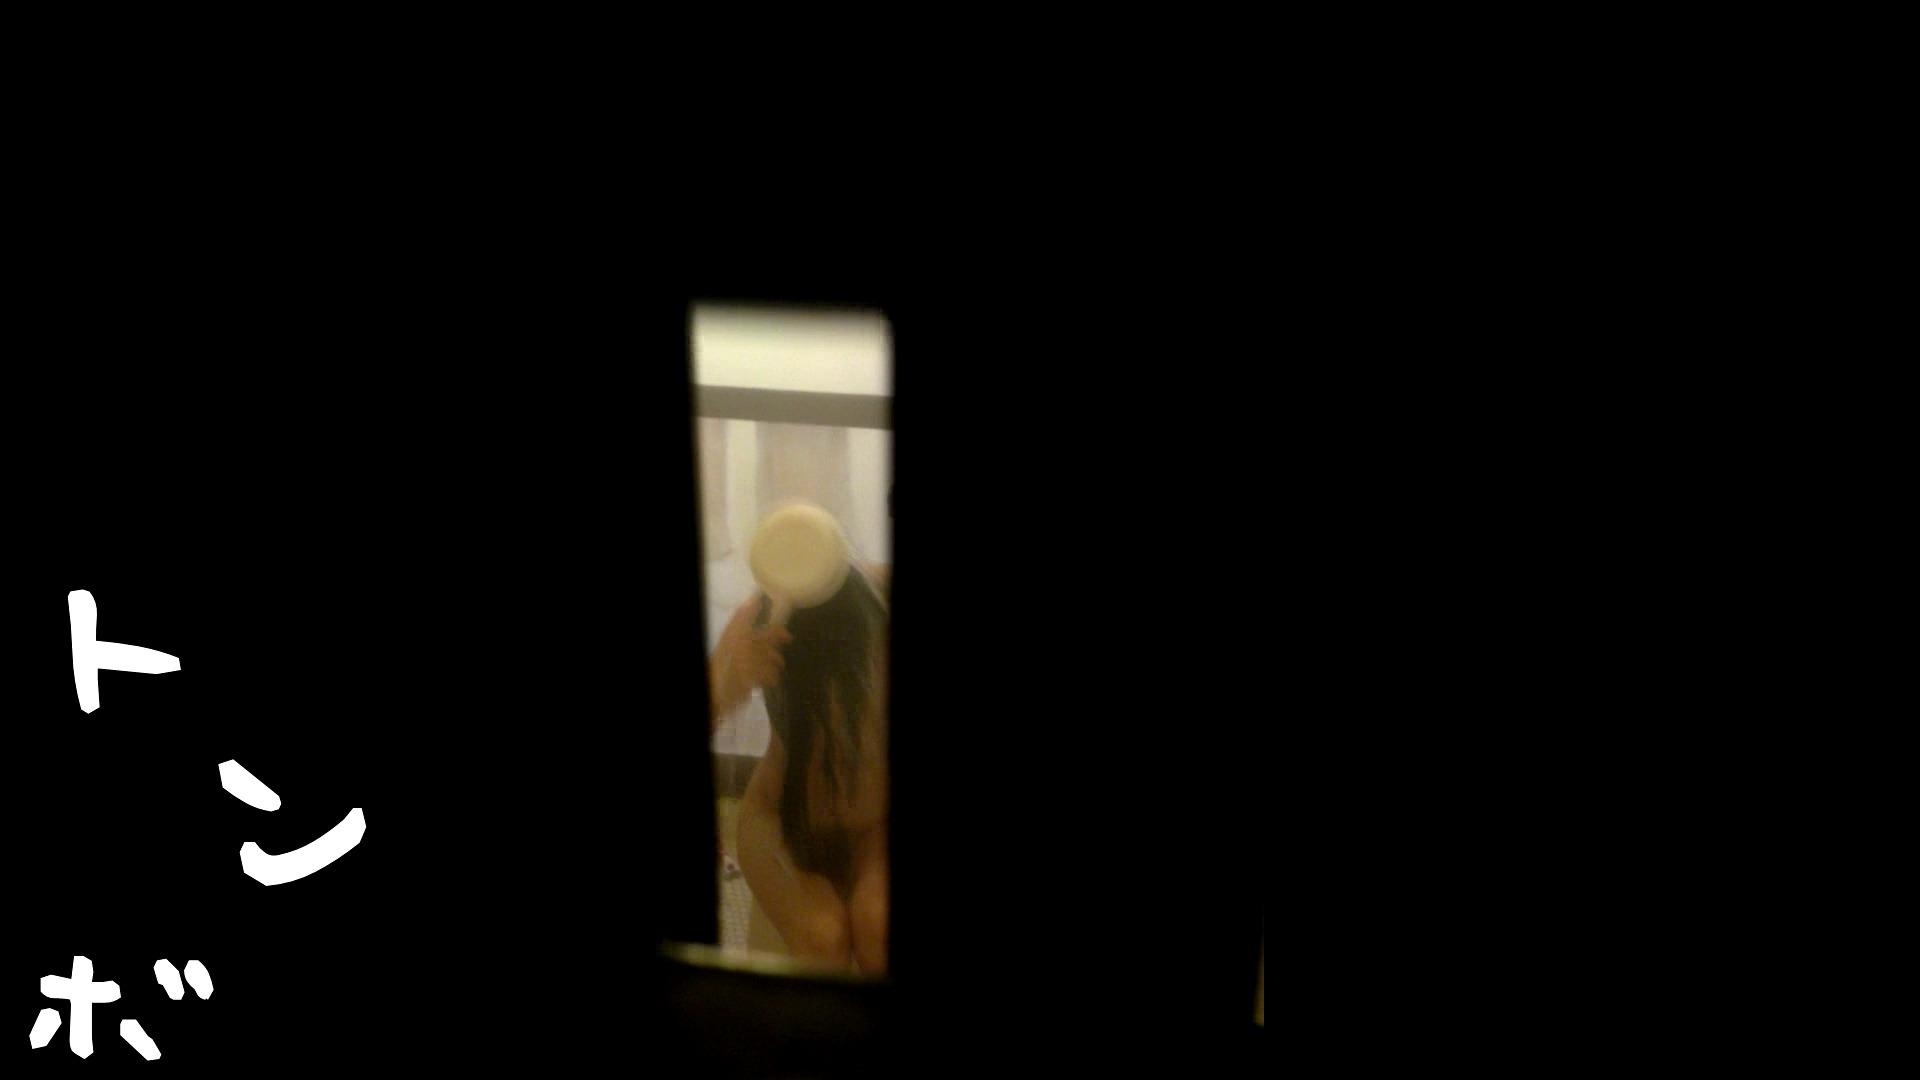 リアル盗撮 中島美嘉現似!美人女子大生のお風呂 桃色乳首 セックス画像 93画像 37